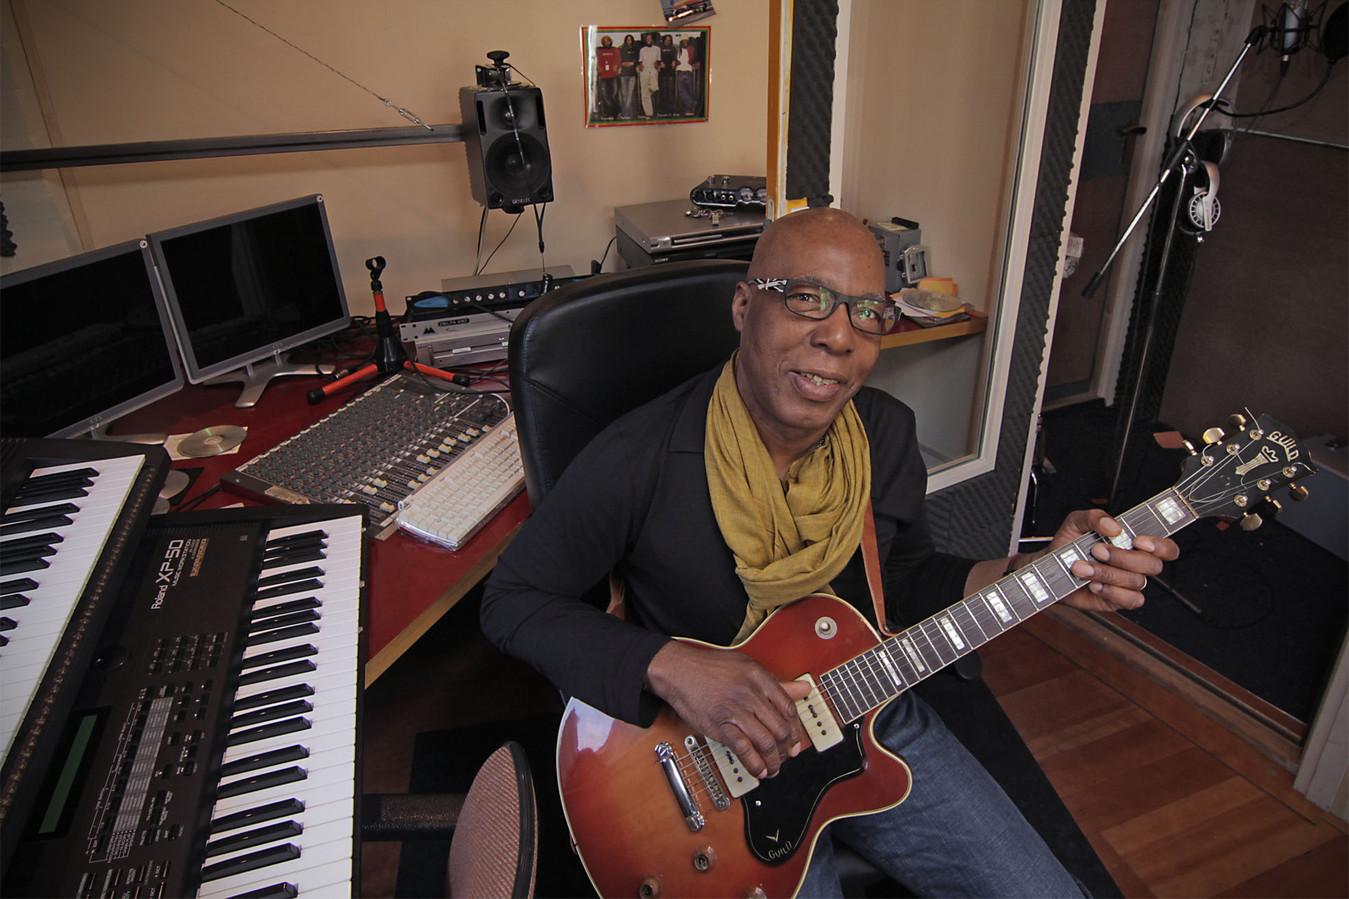 Foto uit 2013: Robert Green in de studio achter zijn woning. Hier componeert en arrangeert de gitarist en zanger van Reality.